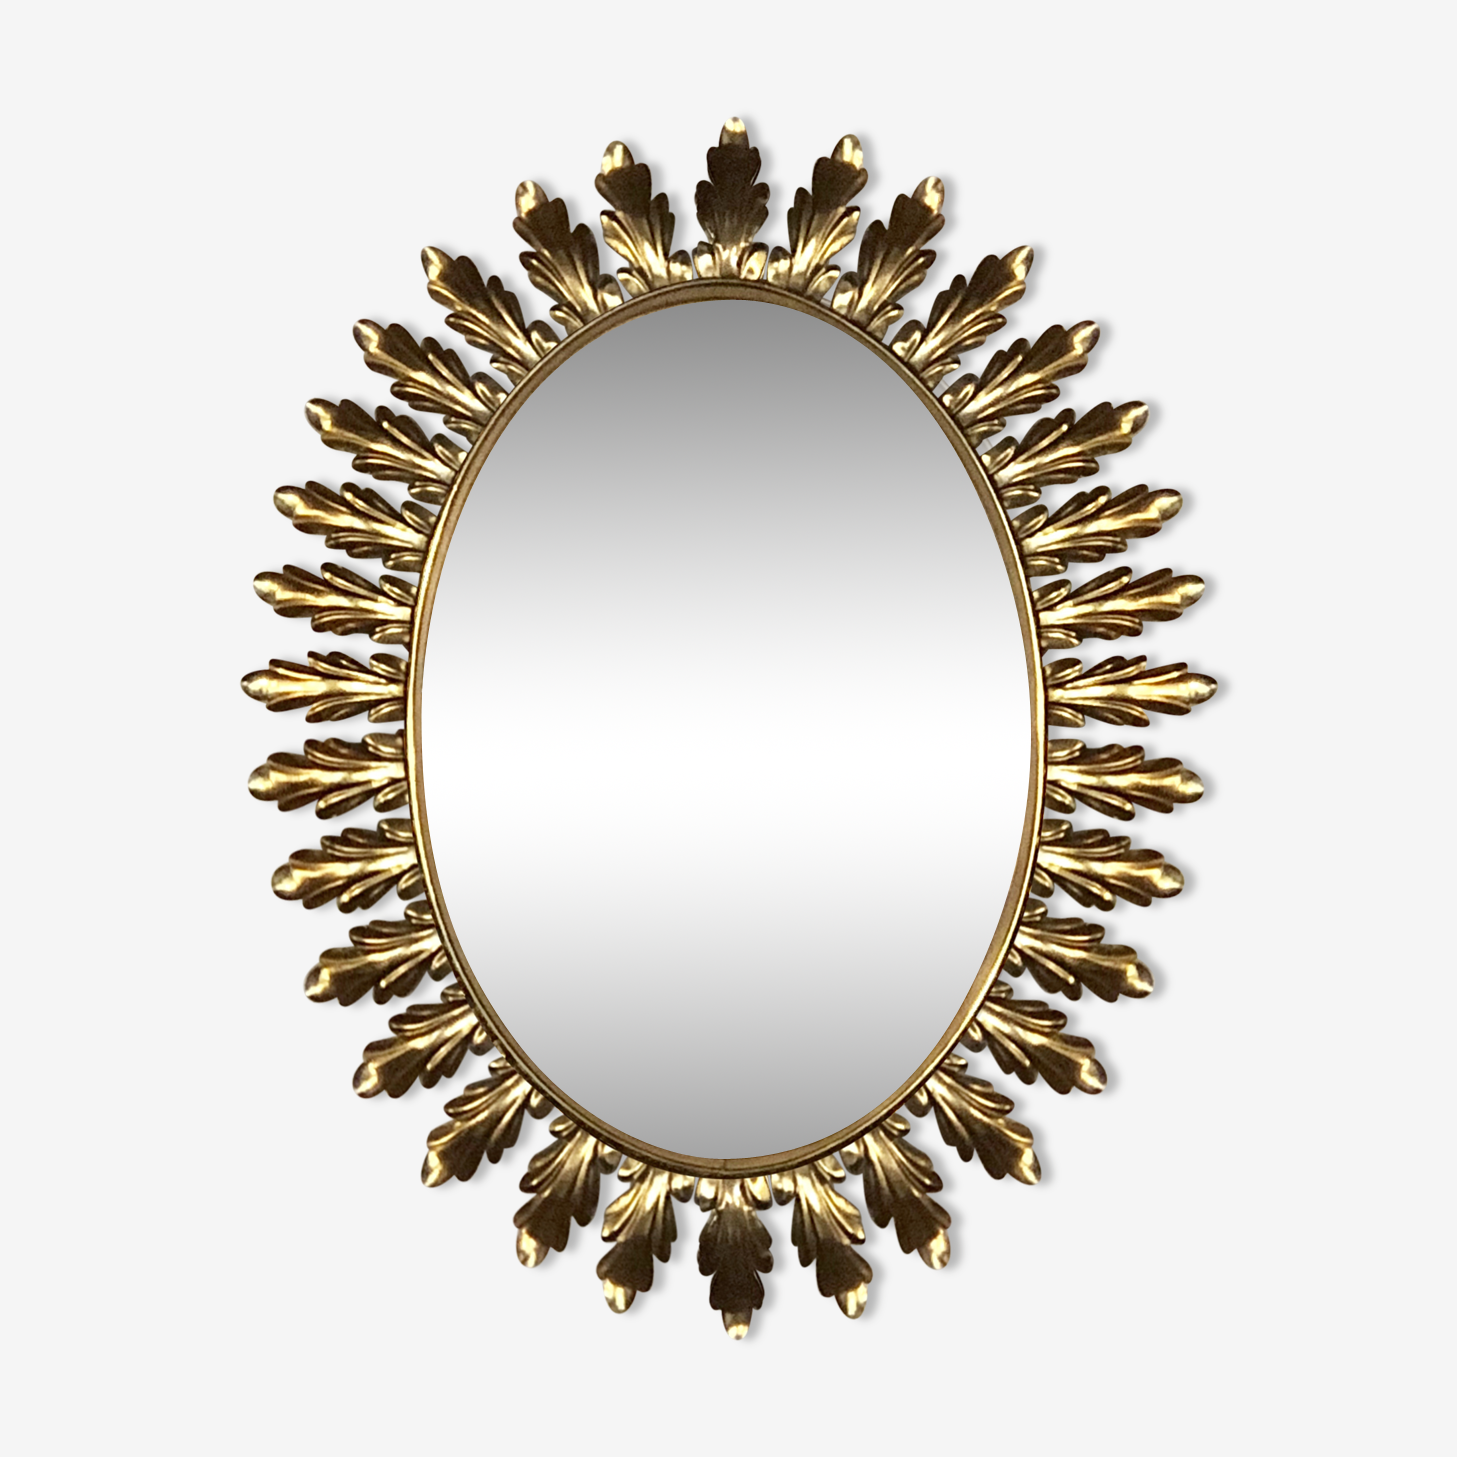 Miroir vintage ovale à palmettes dorées 72x56cm